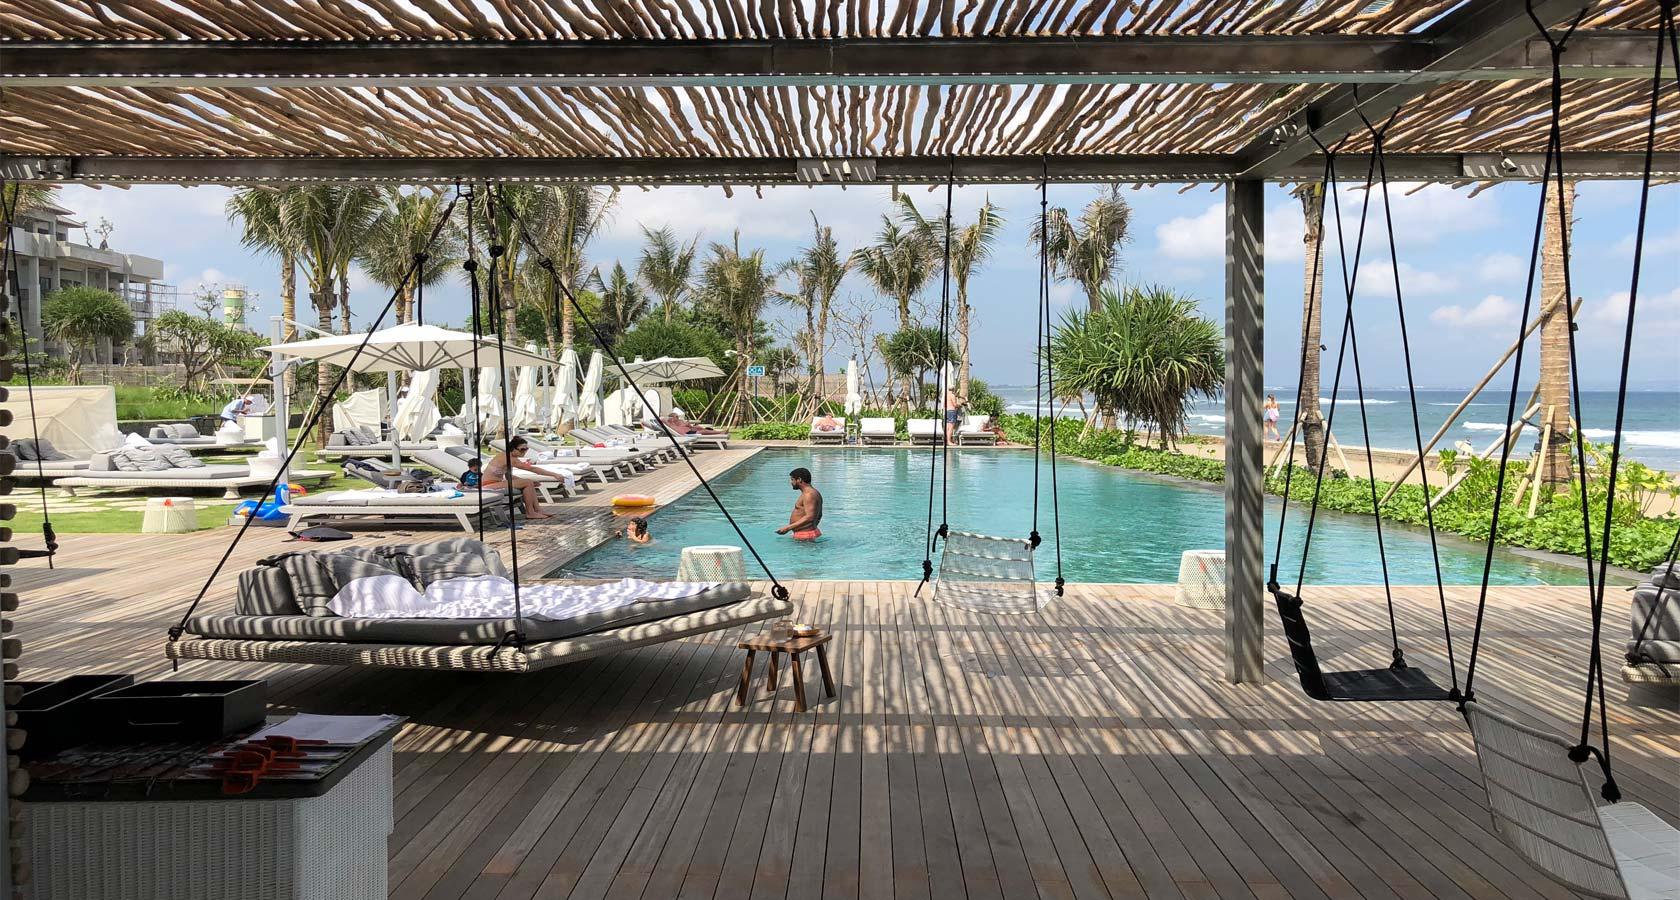 COMO UMA CANGGU pool by ocean